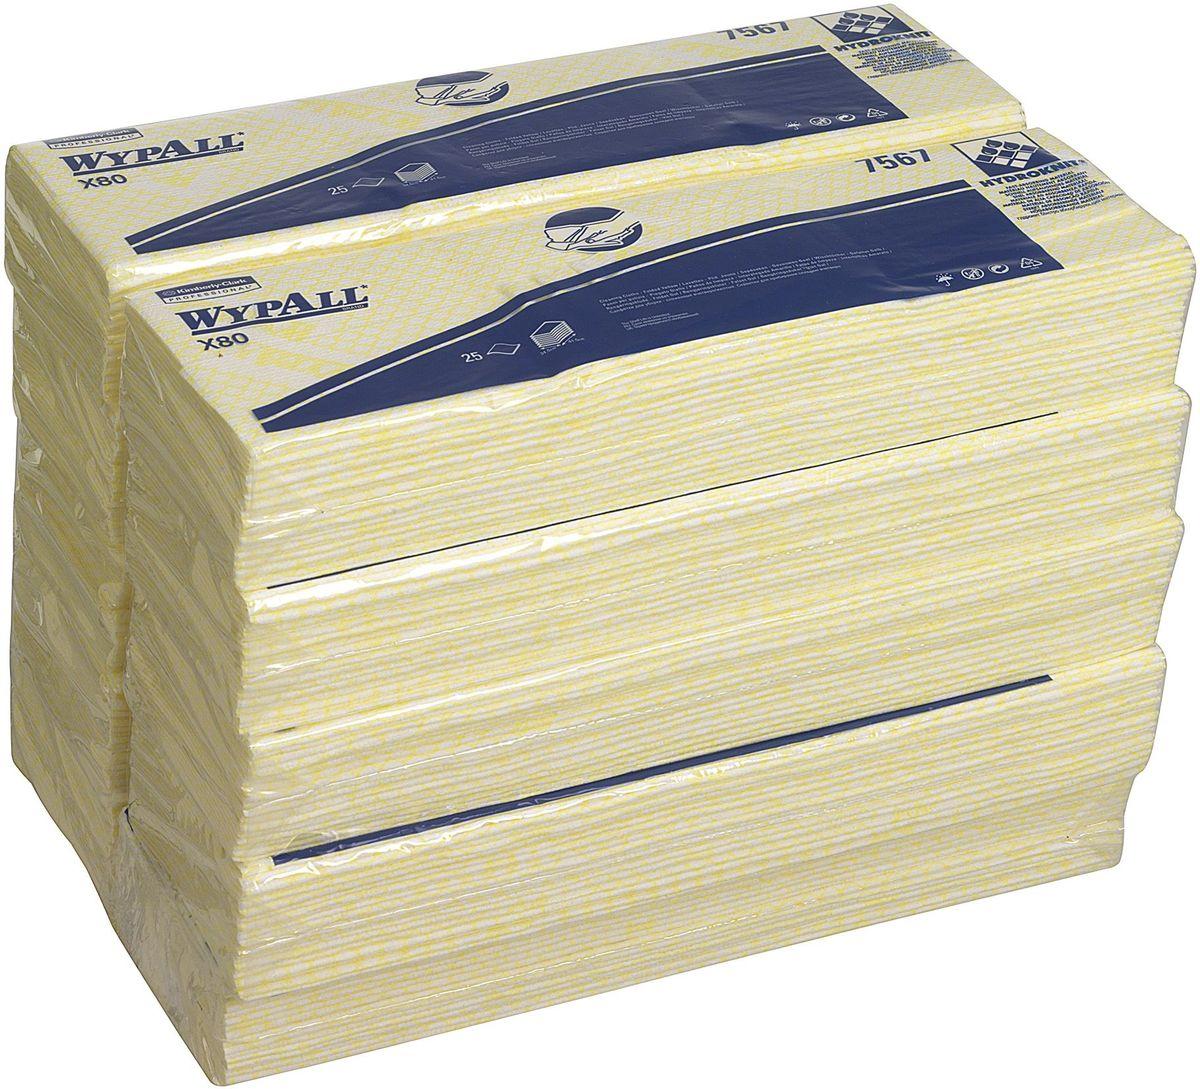 Салфетки для уборки Wypall Х80, цвет: желтый, белый, 10 упаковок х 25 шт7567Салфетки Wypall Х50, выполненные из целлюлозы и синтетики, предназначены для многоразового использования, изготовленные по технологии HYDROKNIT®. Изделия обладают отличной впитывающей способностью, долговечностью и прочностью, как в сухом, так и во влажном состоянии. Салфетки Wypall Х50 - идеальное решение для гигиеничной уборки в туалетных комнатах, клинических помещениях и палатах пациентов, на кухнях и участках приготовления пищи. Салфетки допускают стирку и повторное использование, что уменьшает объем отходов и сокращает эксплуатационные затраты.Количество упаковок: 10 шт.Количество салфеток в 1 упаковке: 25 шт.